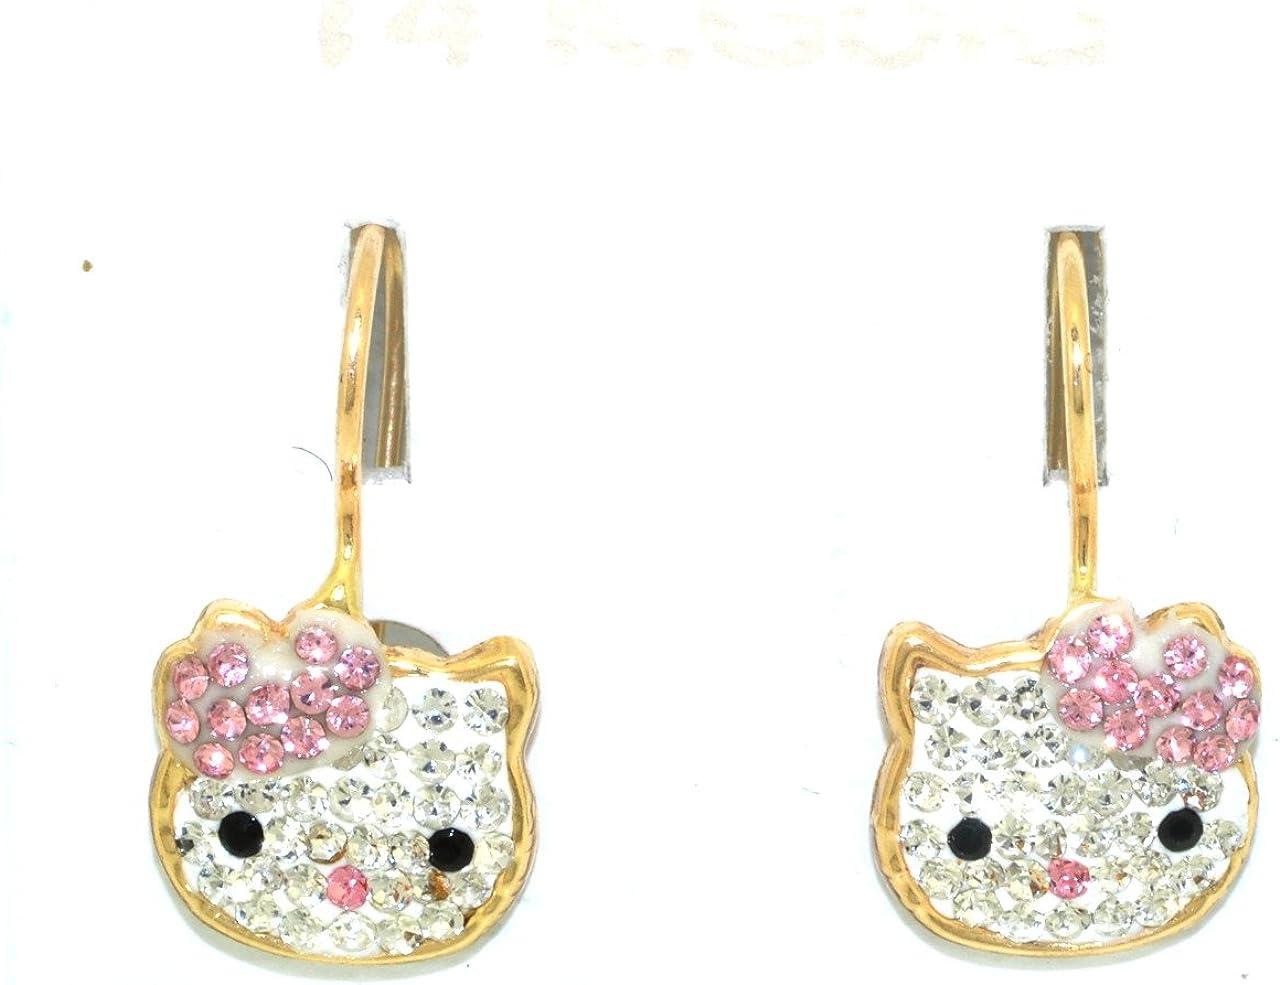 14k Kitty earrings